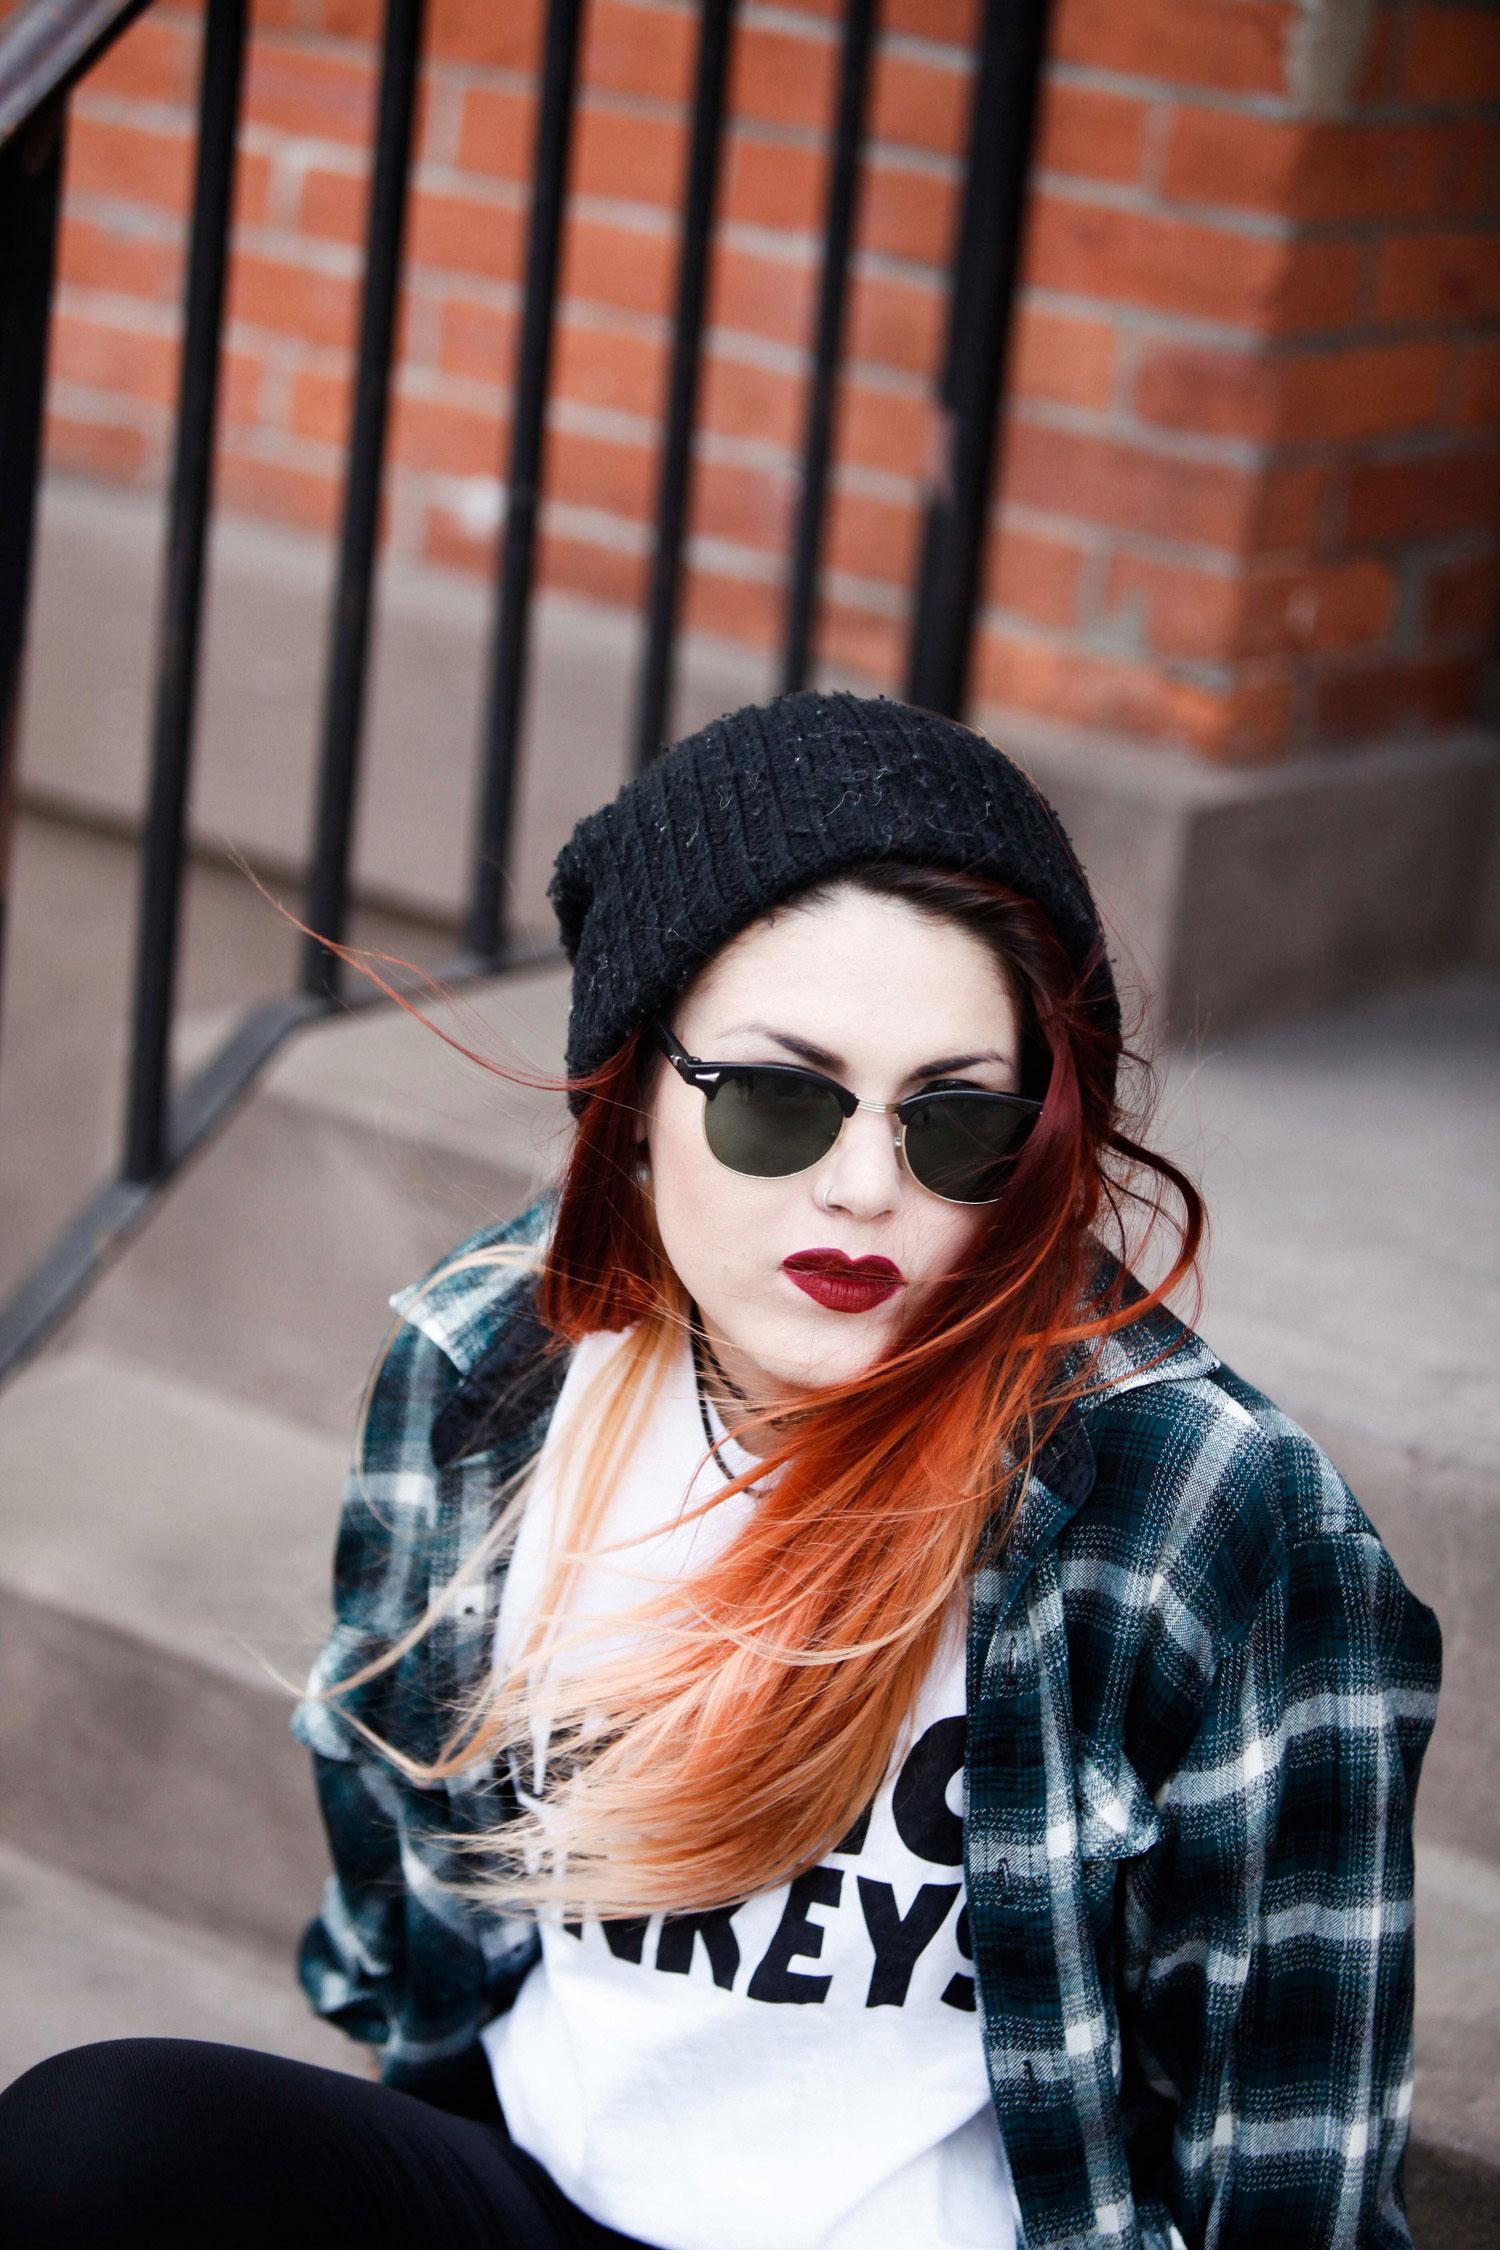 Christina Shields/ Reprodução Blog Le-happy